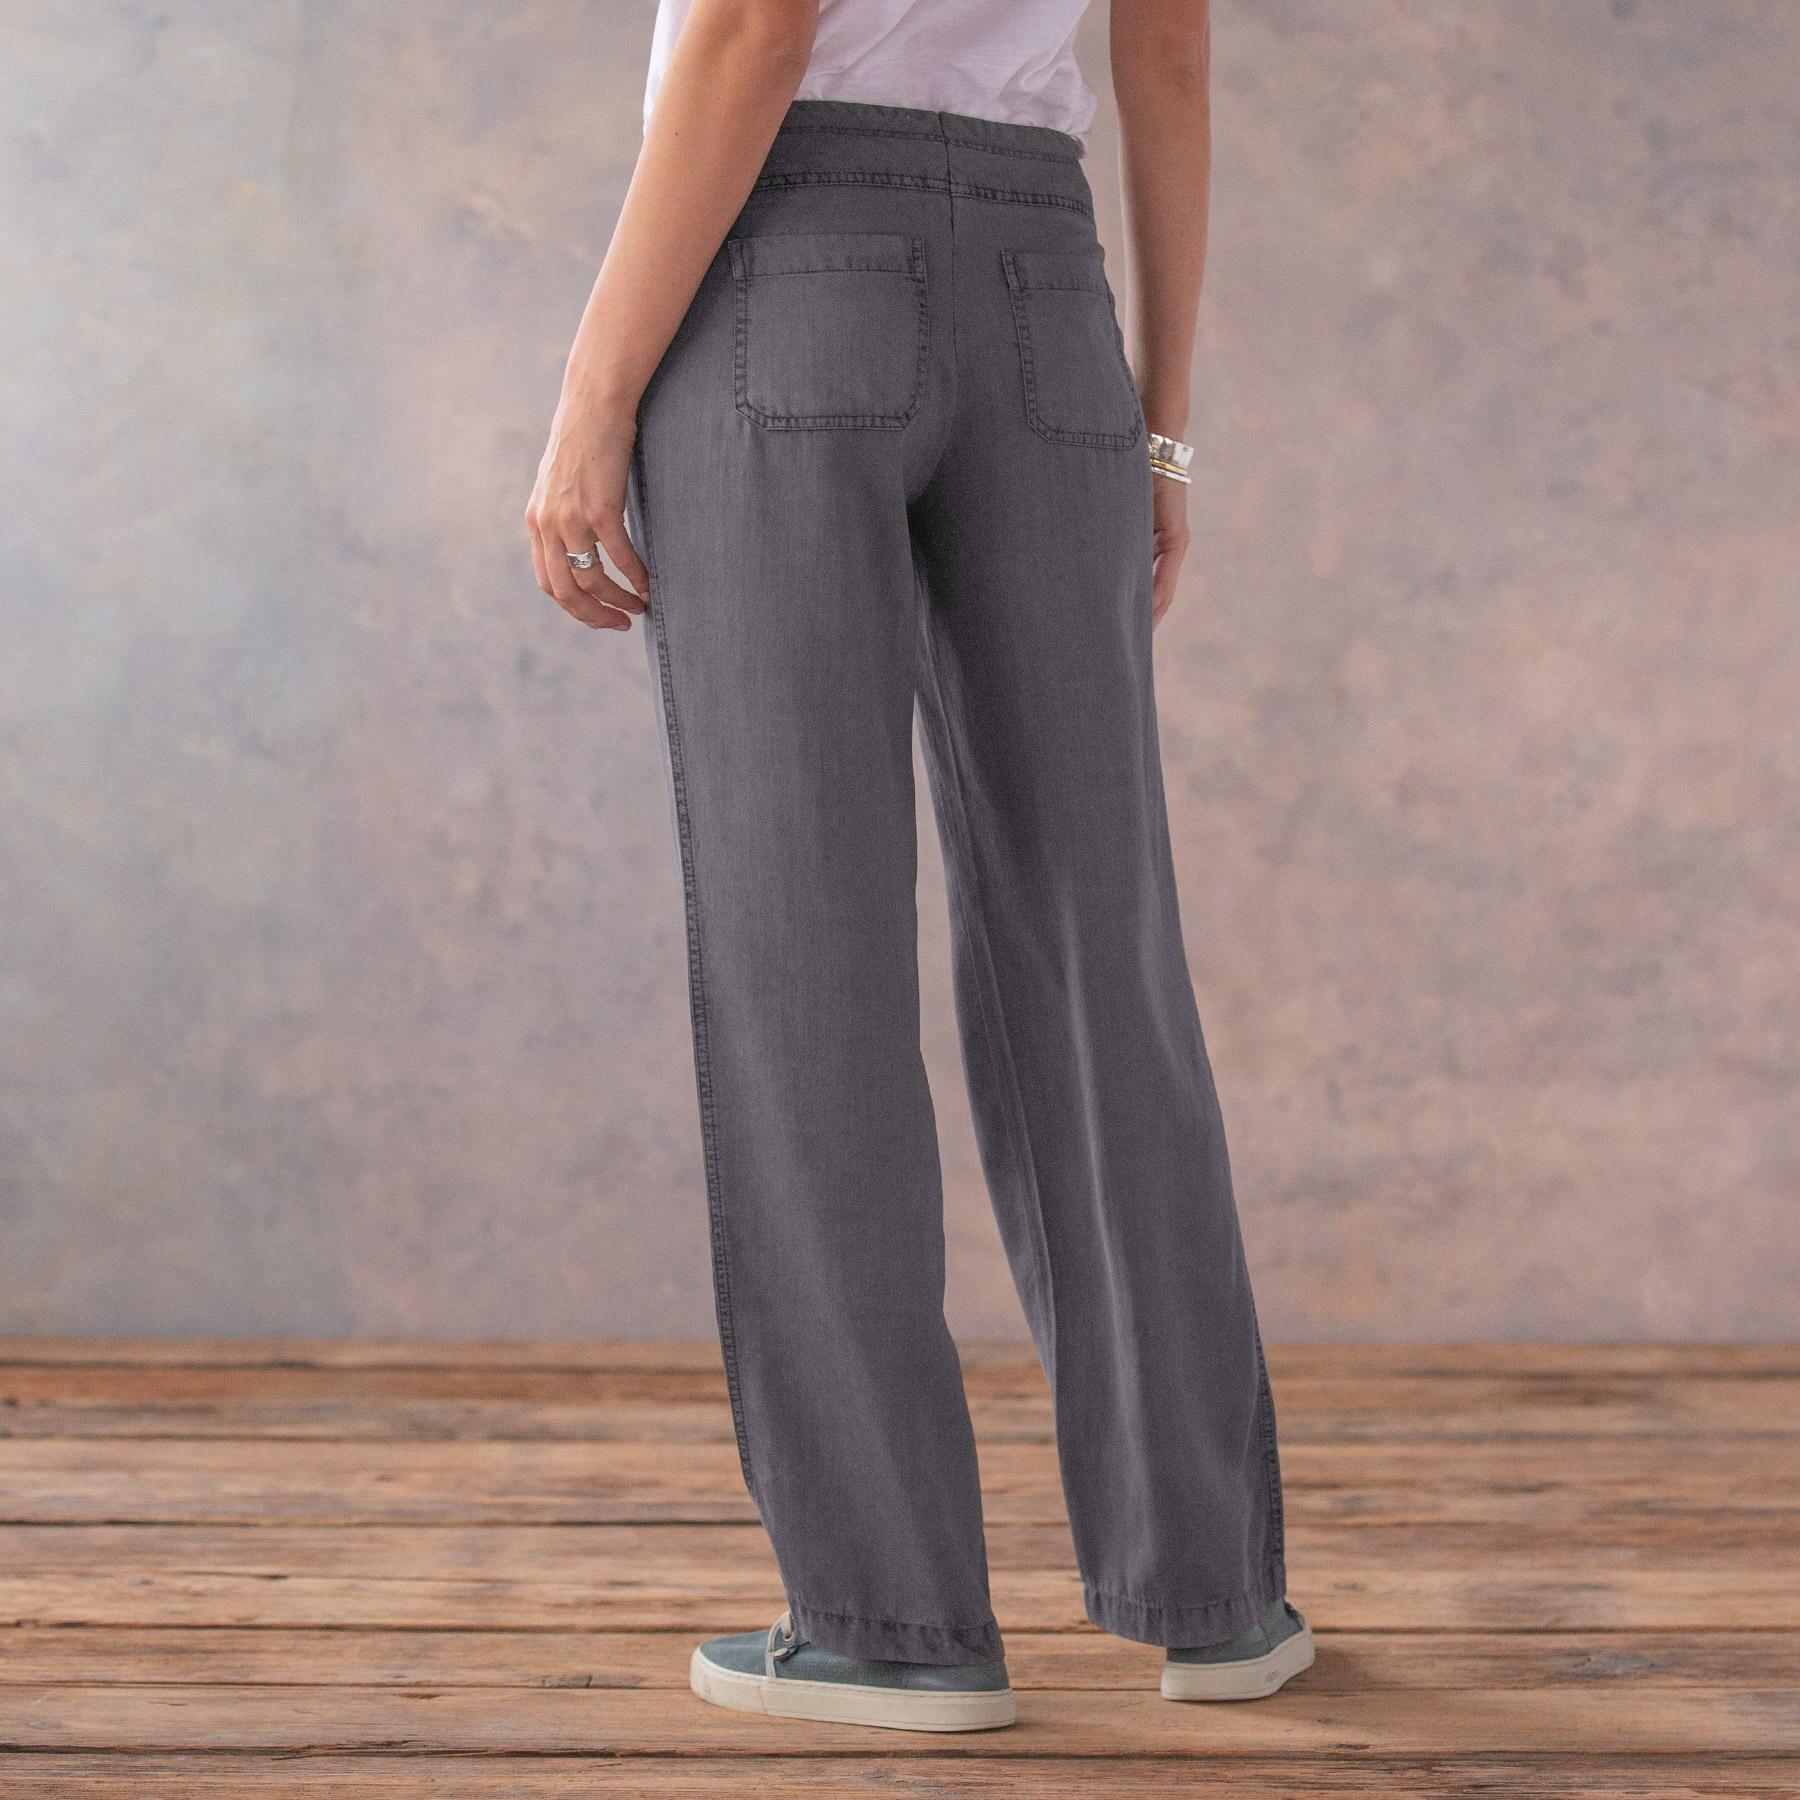 TENCEL® GIGI WIDE LEG PANTS - PETITES: View 3